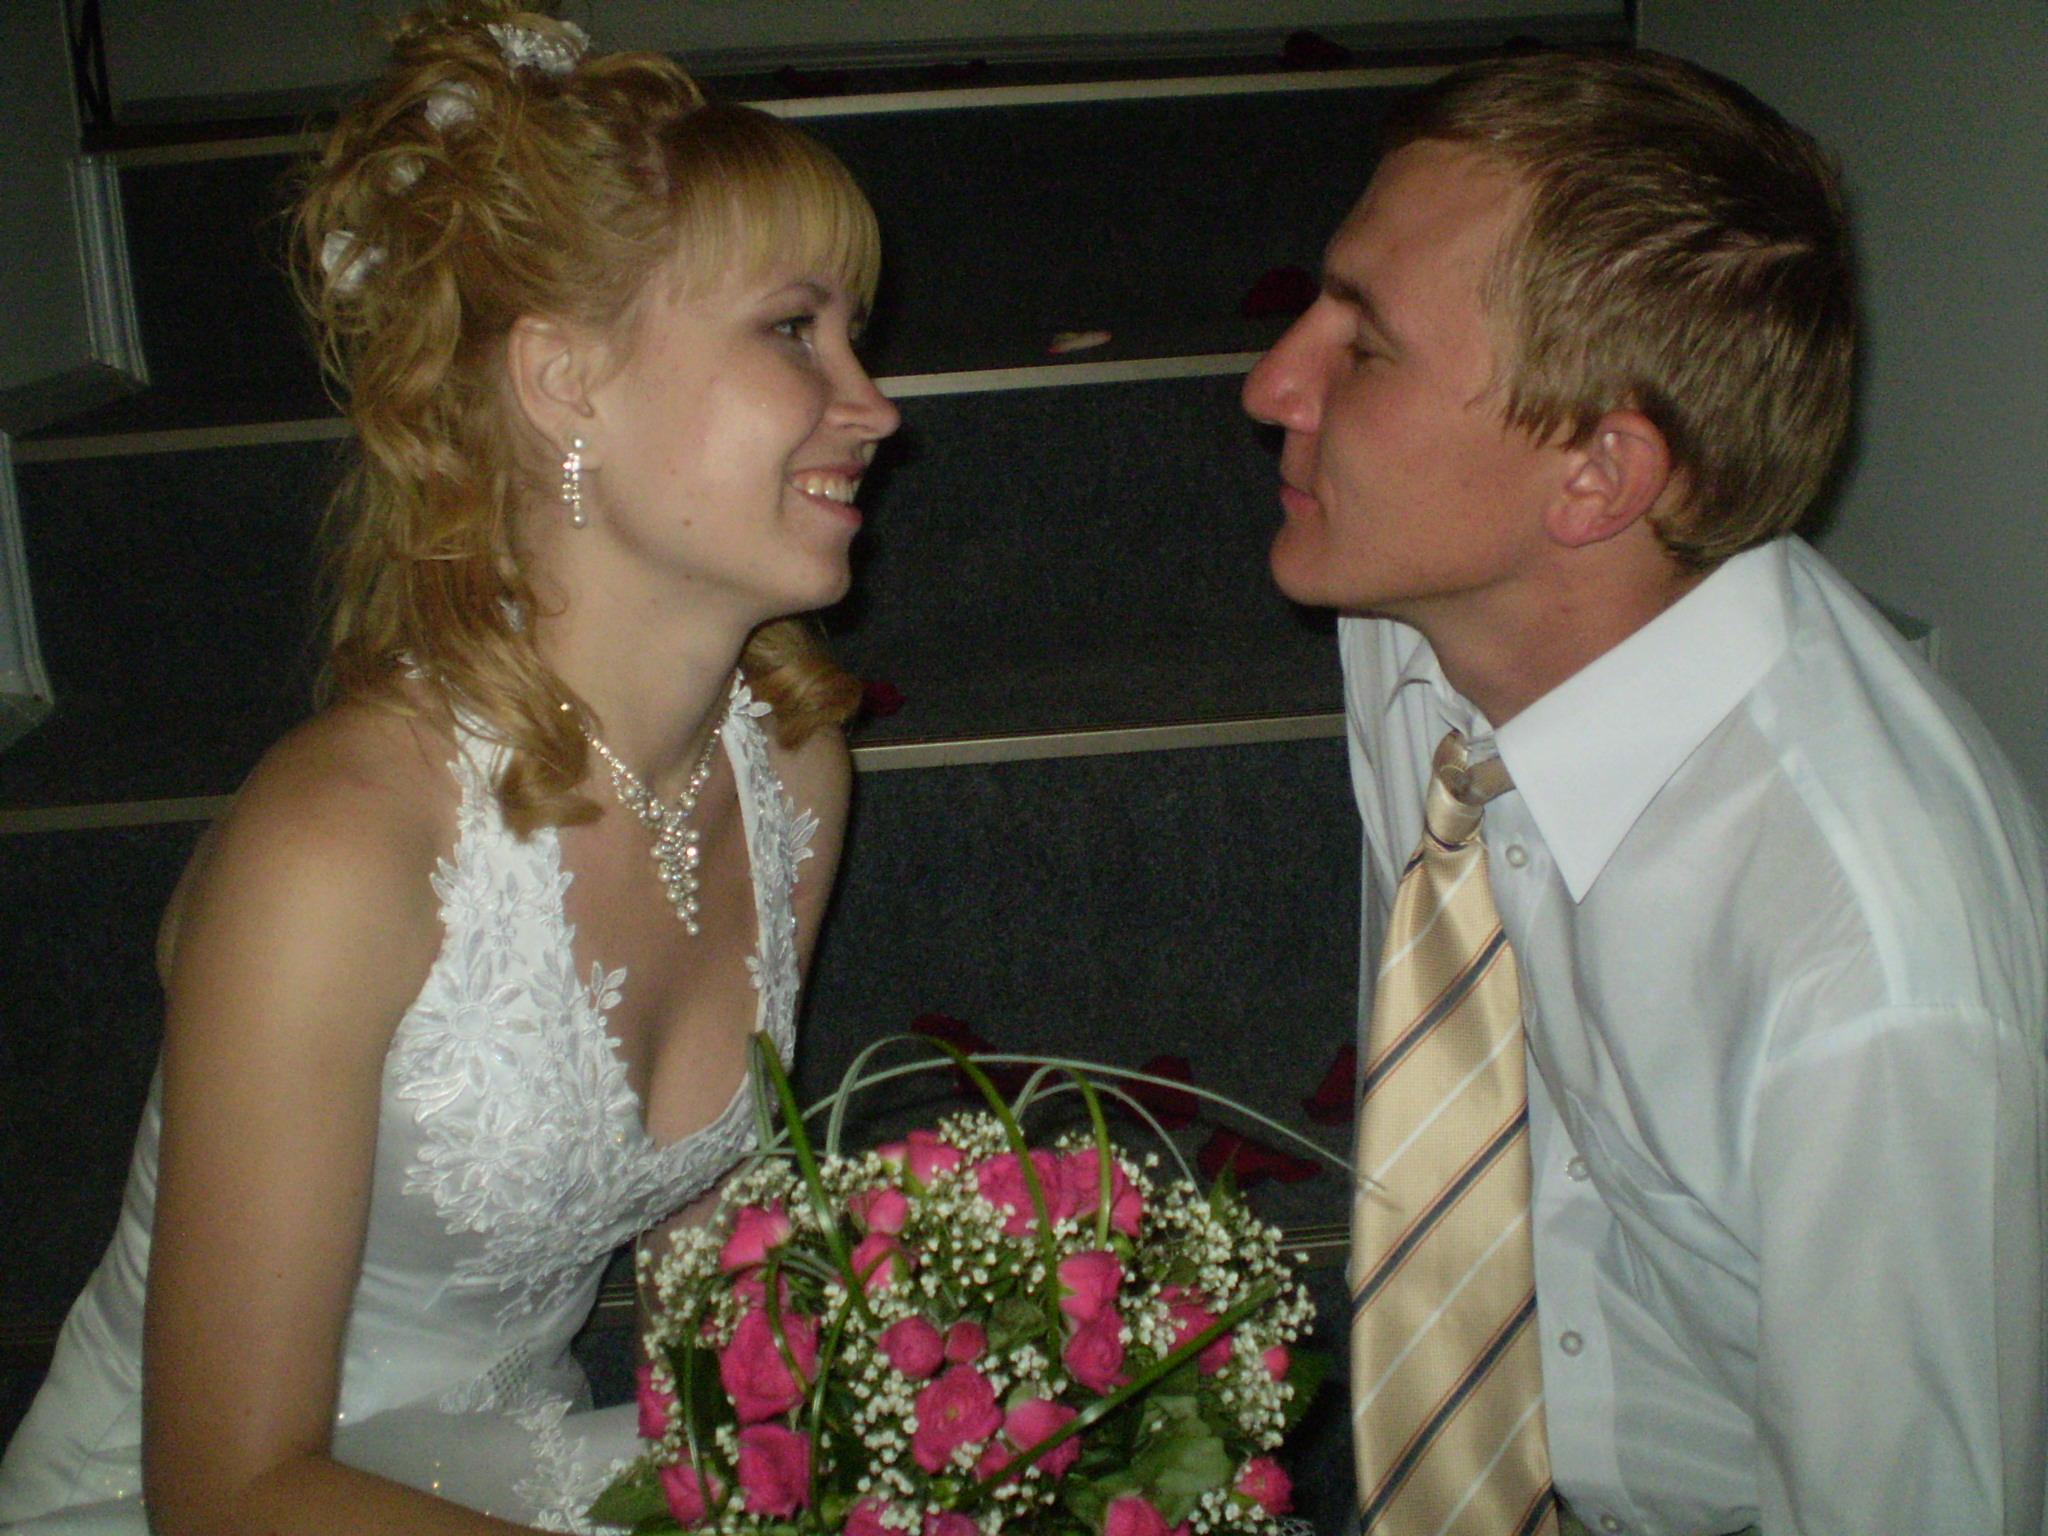 НЕЗАБЫВАЕМЫЕ МИНУТЫ . Свадебные колокола